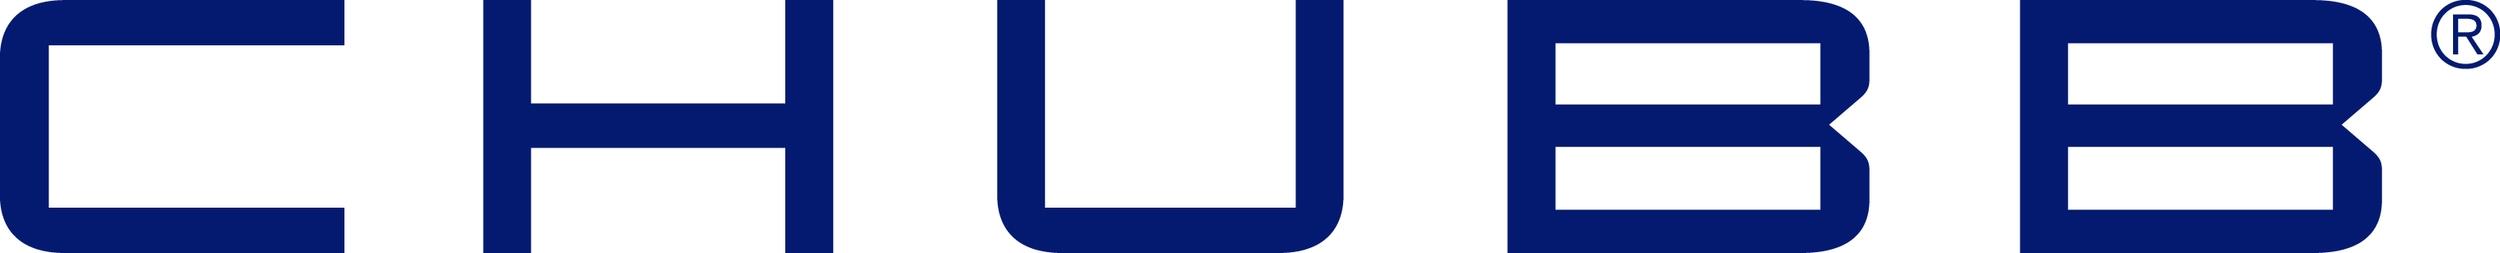 CHUBB_Logo_DarkBlue_RGB.JPG